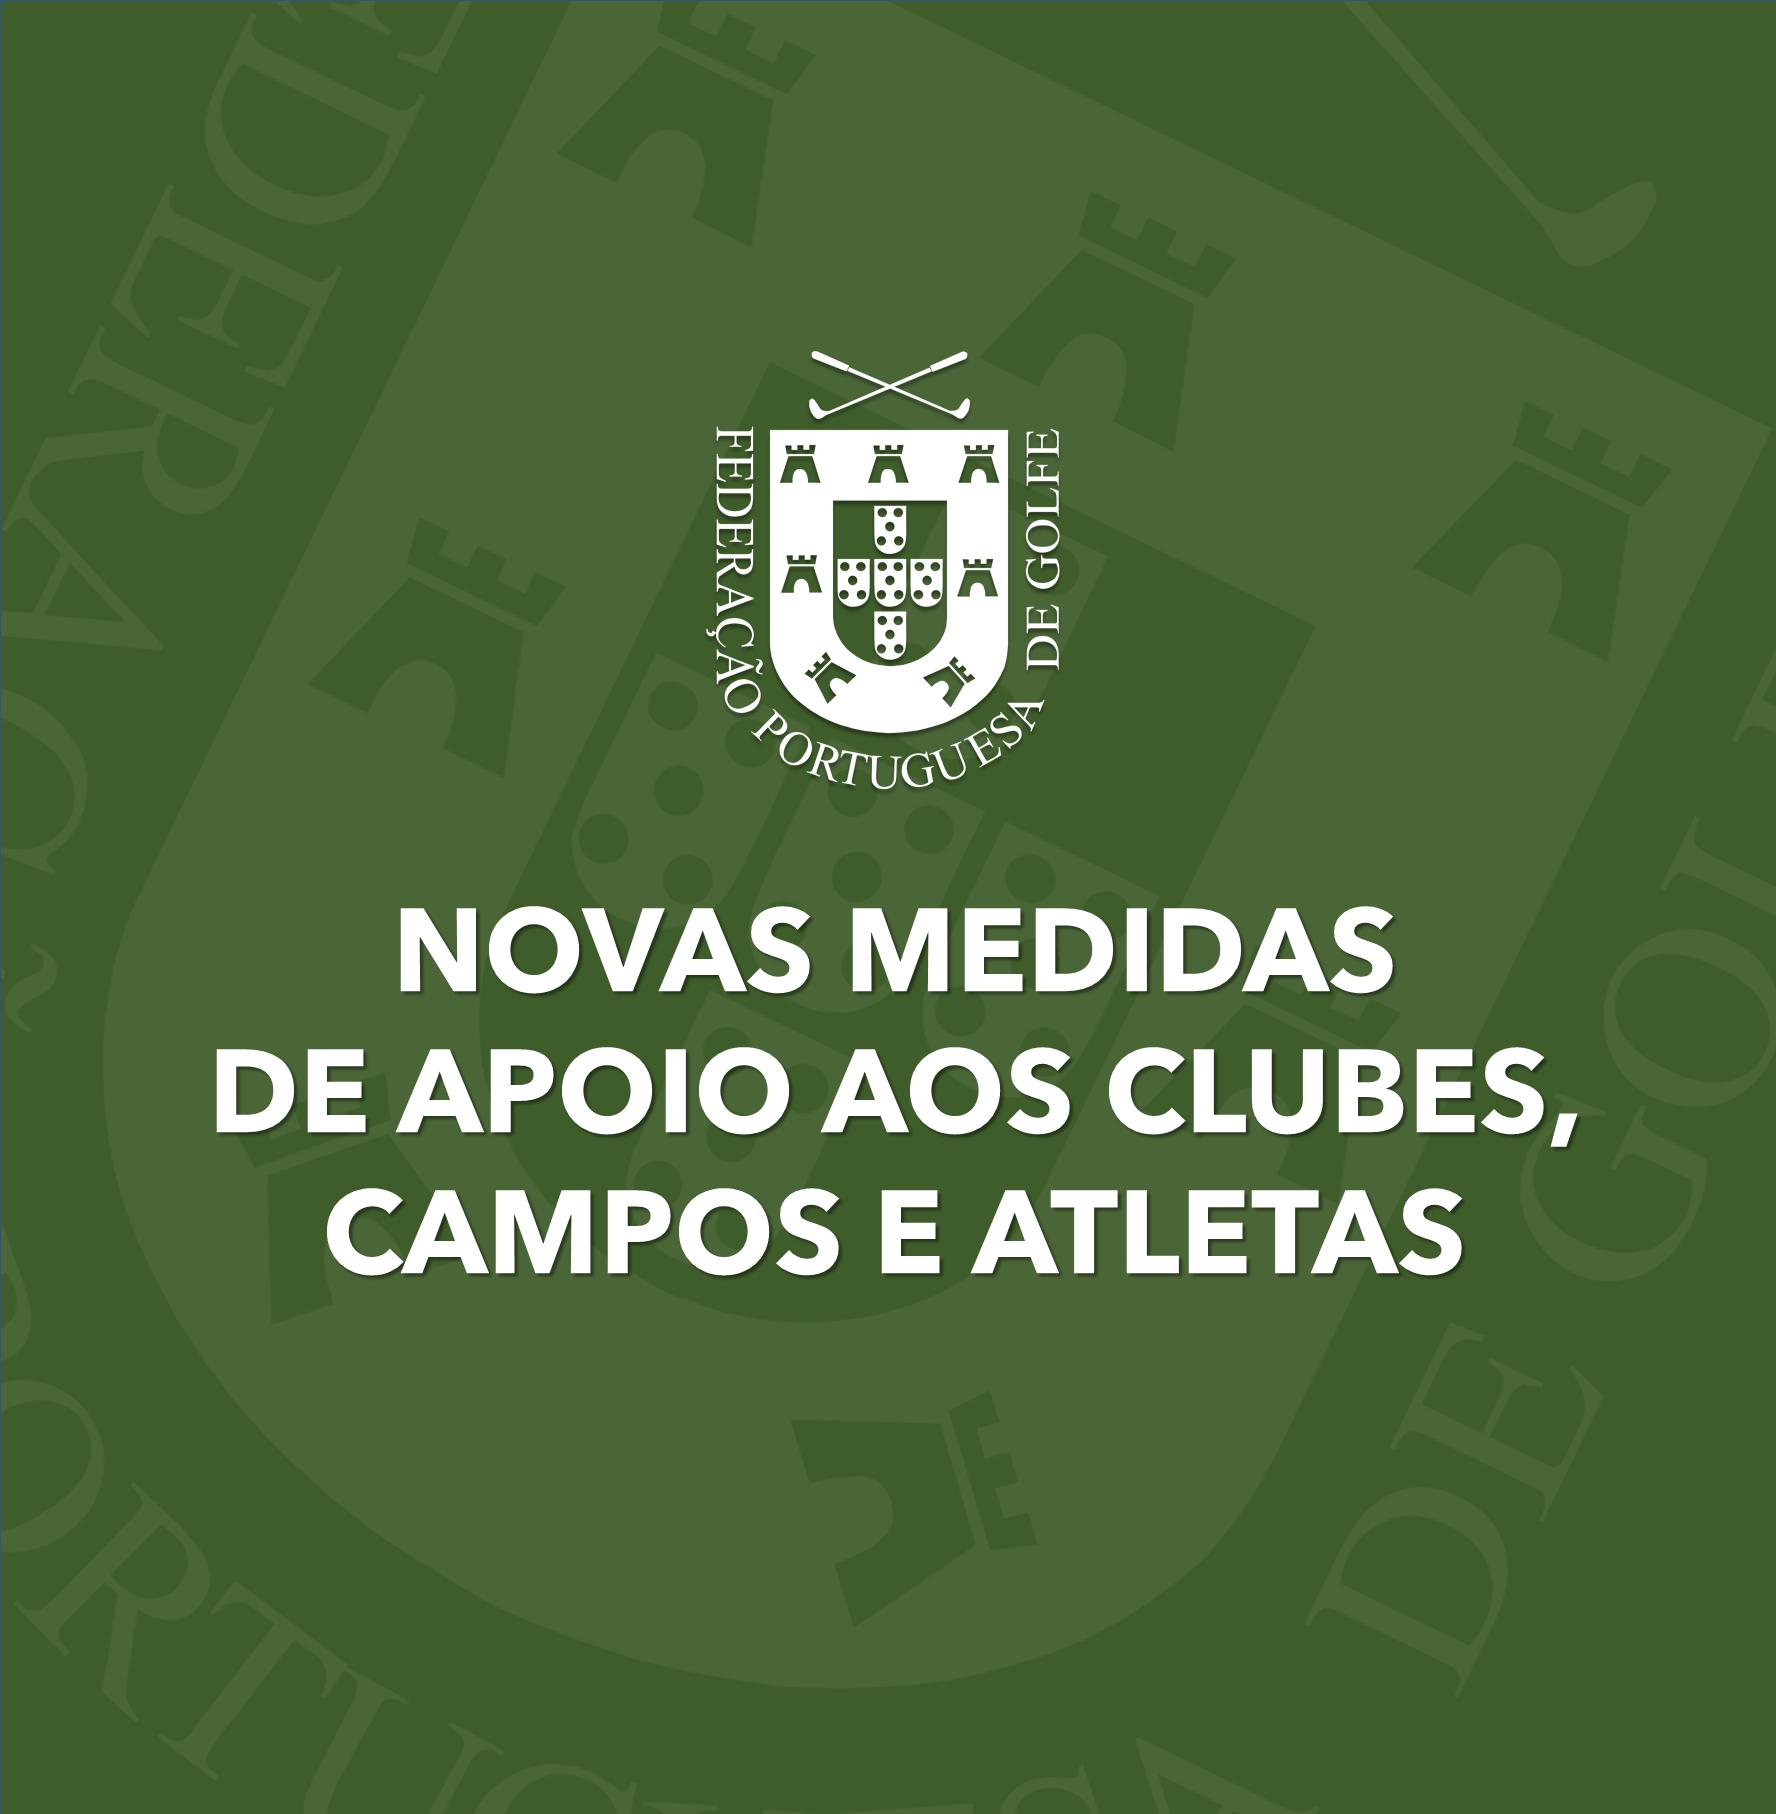 A FPG APRESENTA AS NOVAS MEDIDAS DE APOIO AOS CLUBES, CAMPOS E ATLETAS